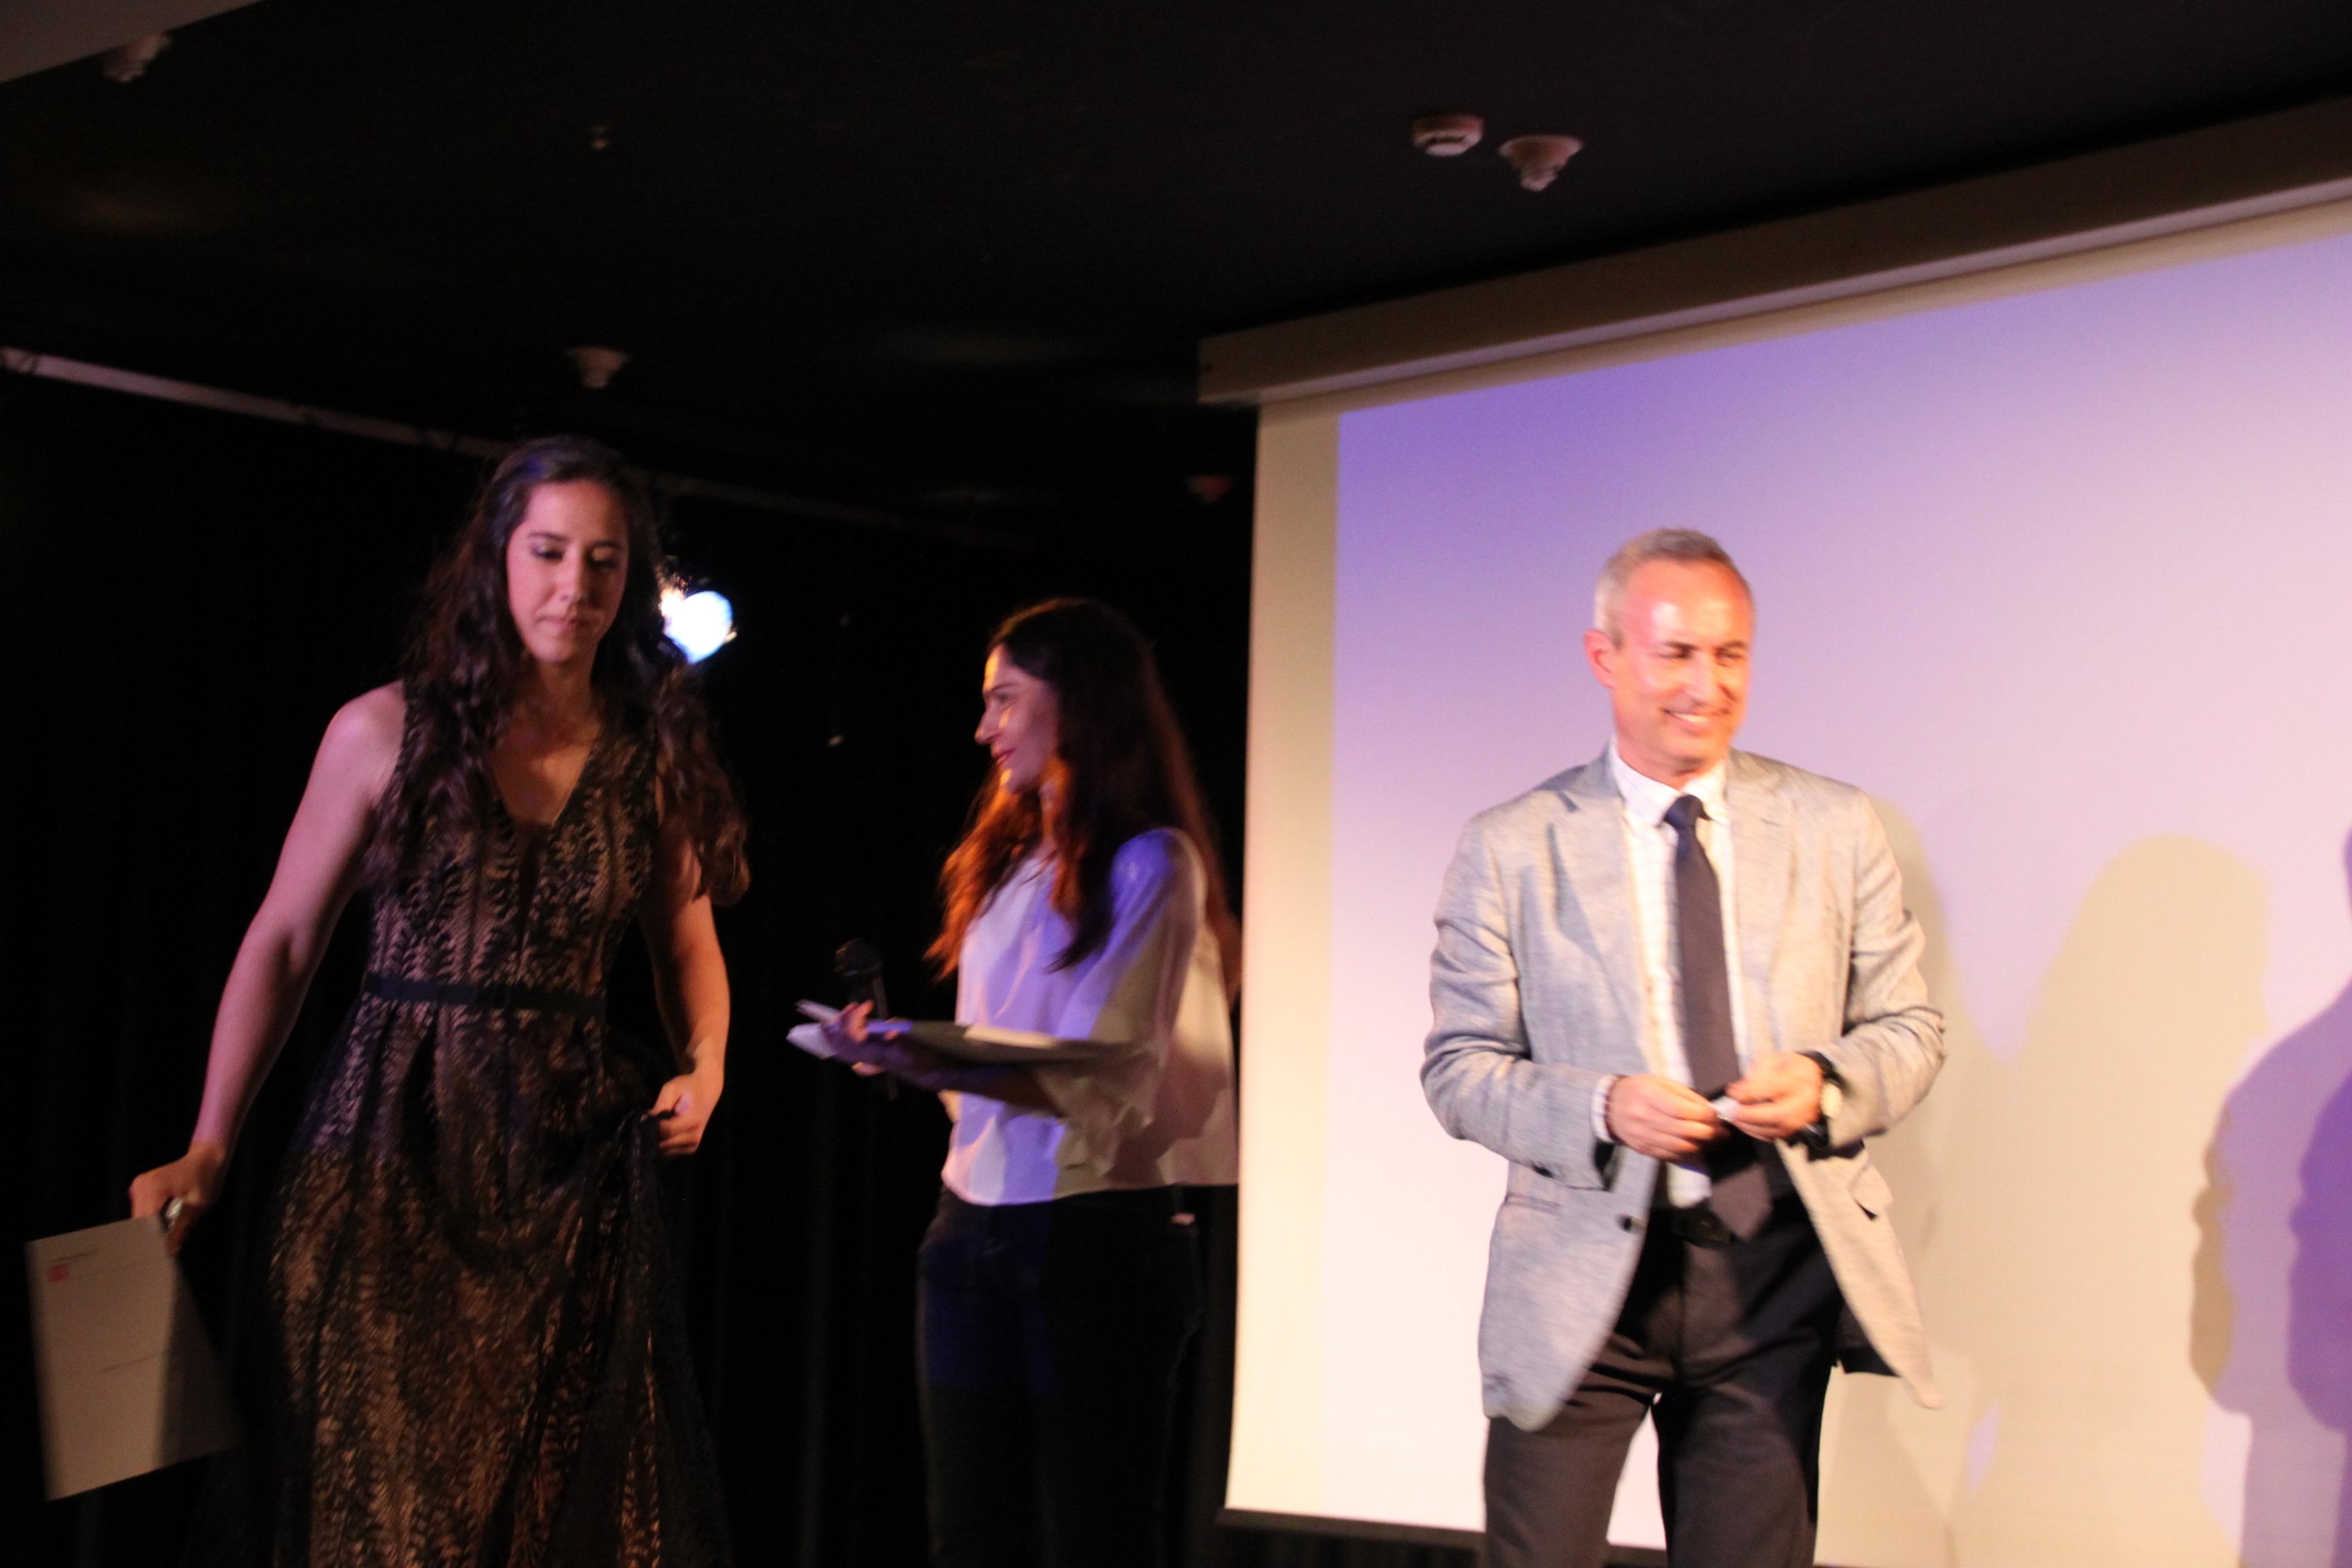 Graduación 2º bachillerato 2017-2018. IES María de Molina (Madrid) (2/2) 20